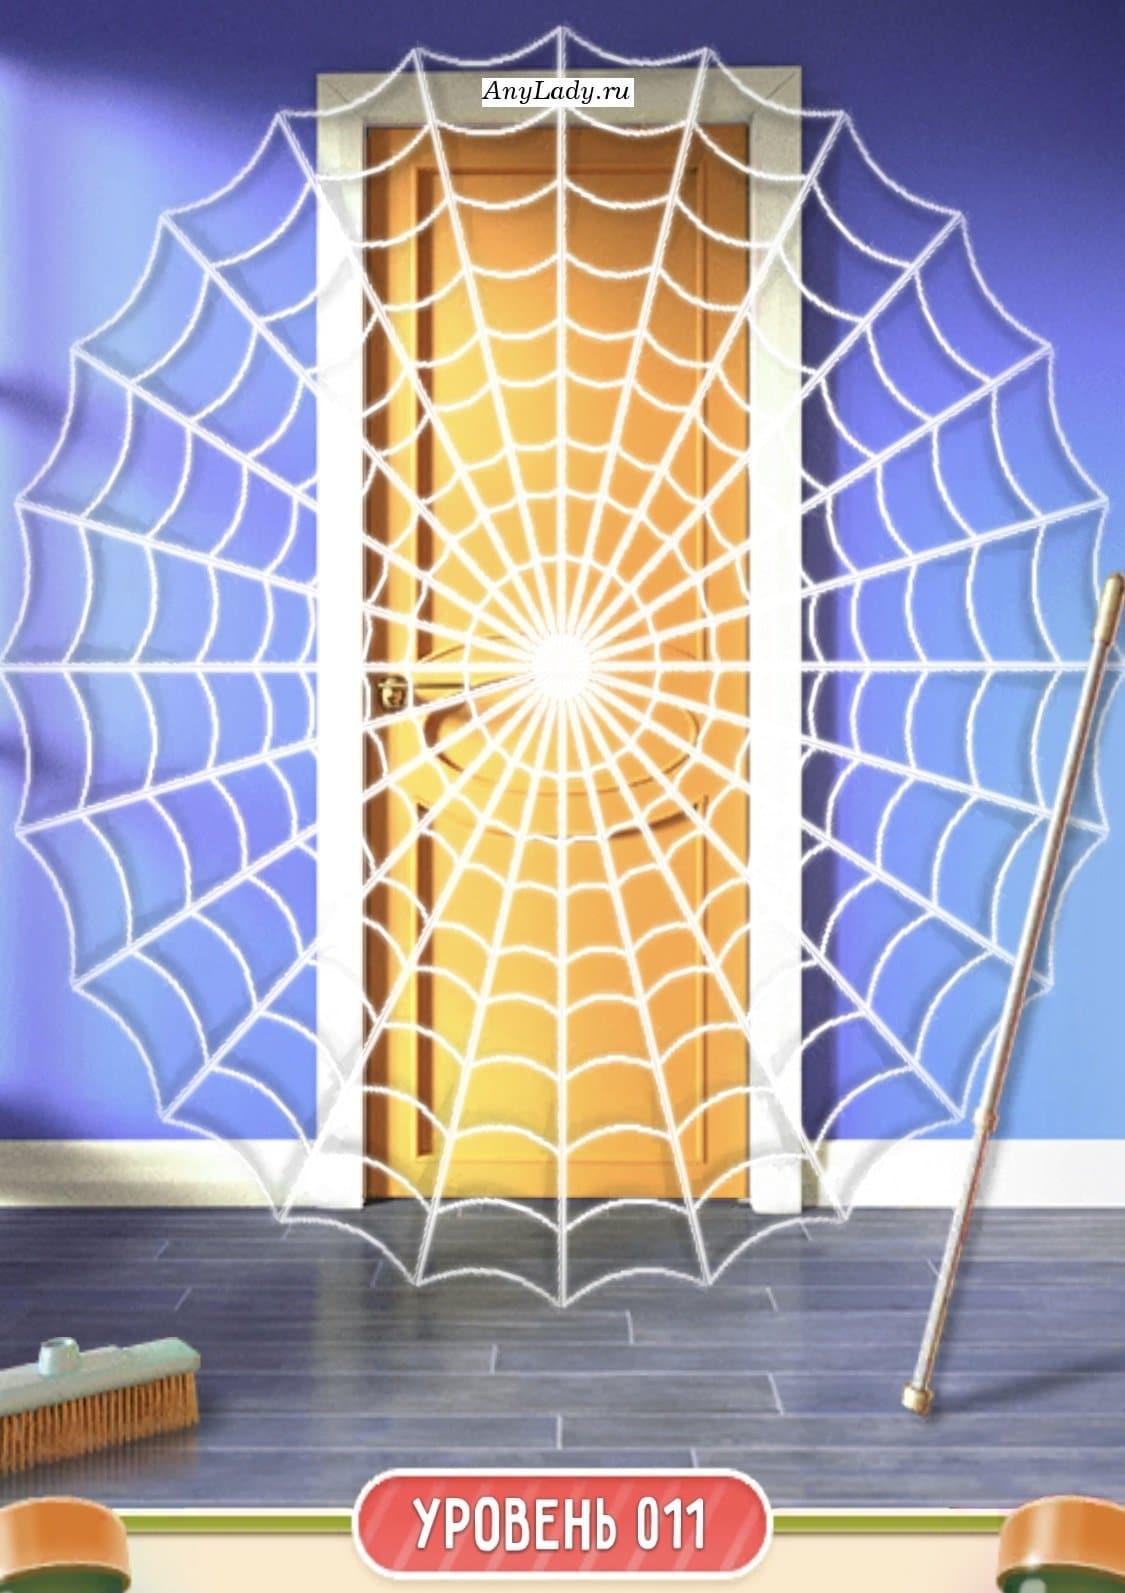 Возьмите рукоятку и головку швабры соедините их и получившейся шваброй соберите паутину. Дверь открыта.